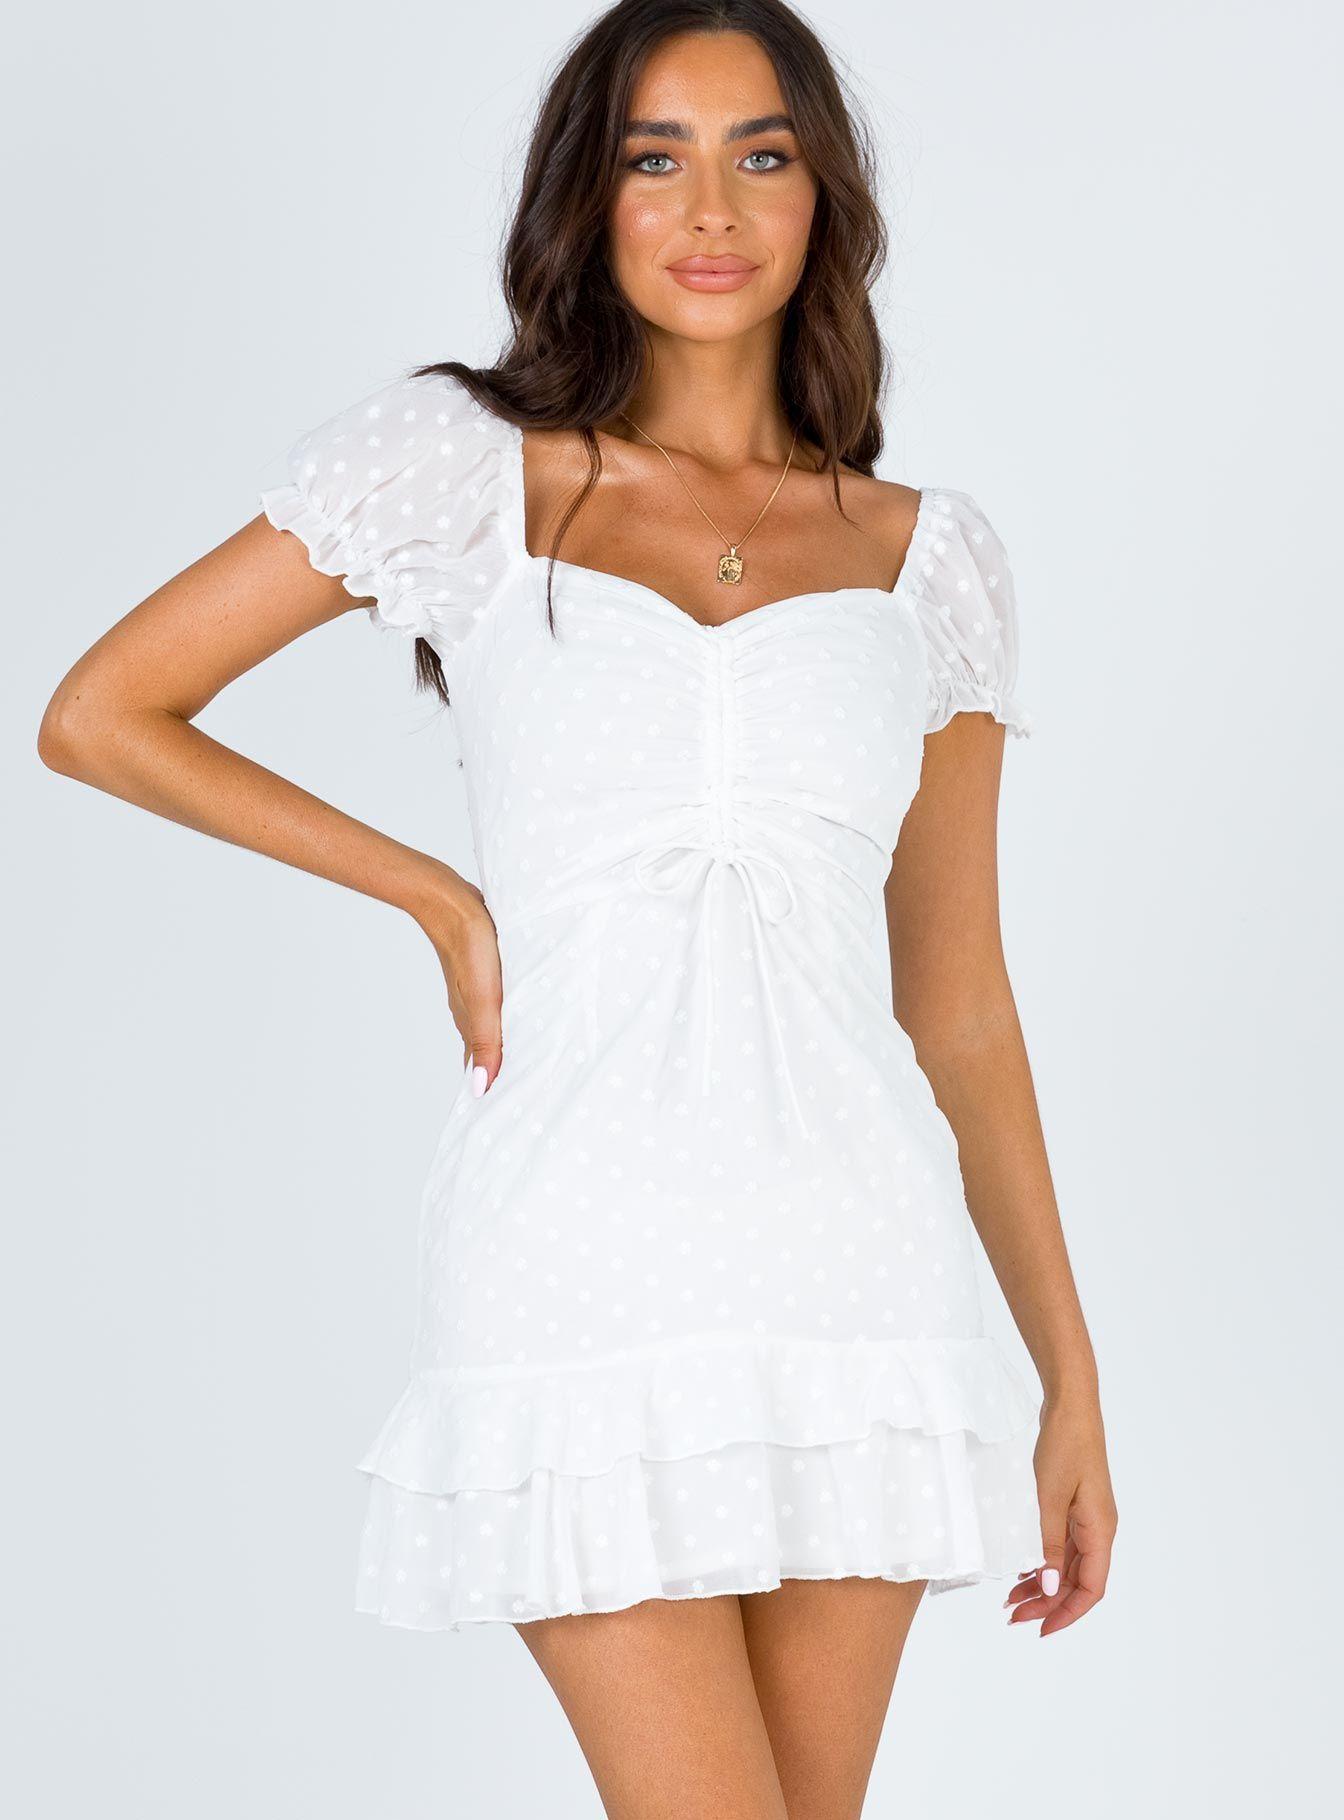 Mikail Mini Dress In 2021 Short Graduation Dresses Cute White Dress Mini Dress [ 1820 x 1344 Pixel ]